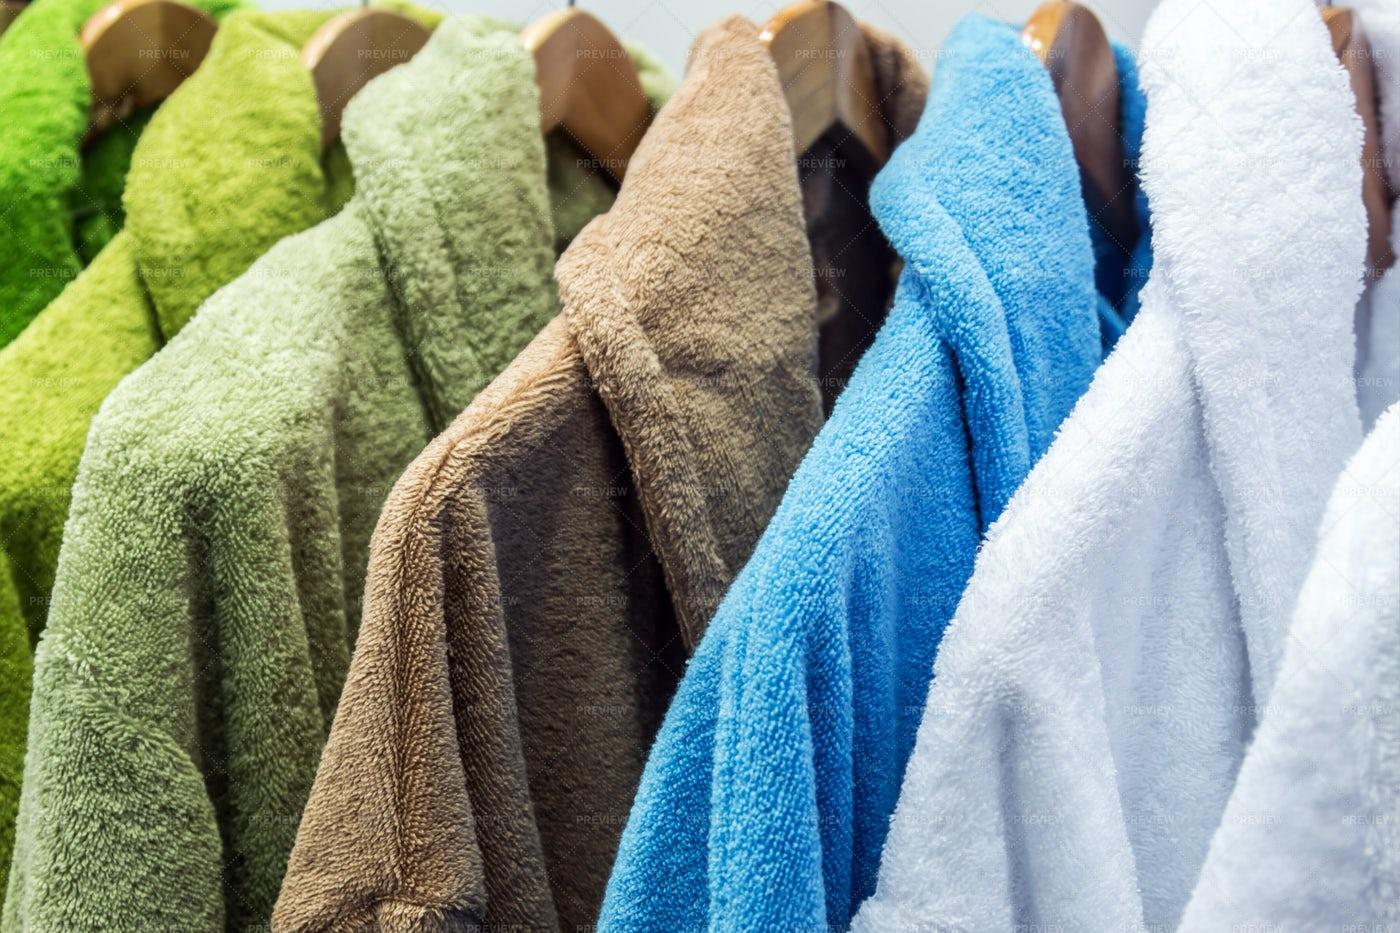 Bathrobes: Stock Photos